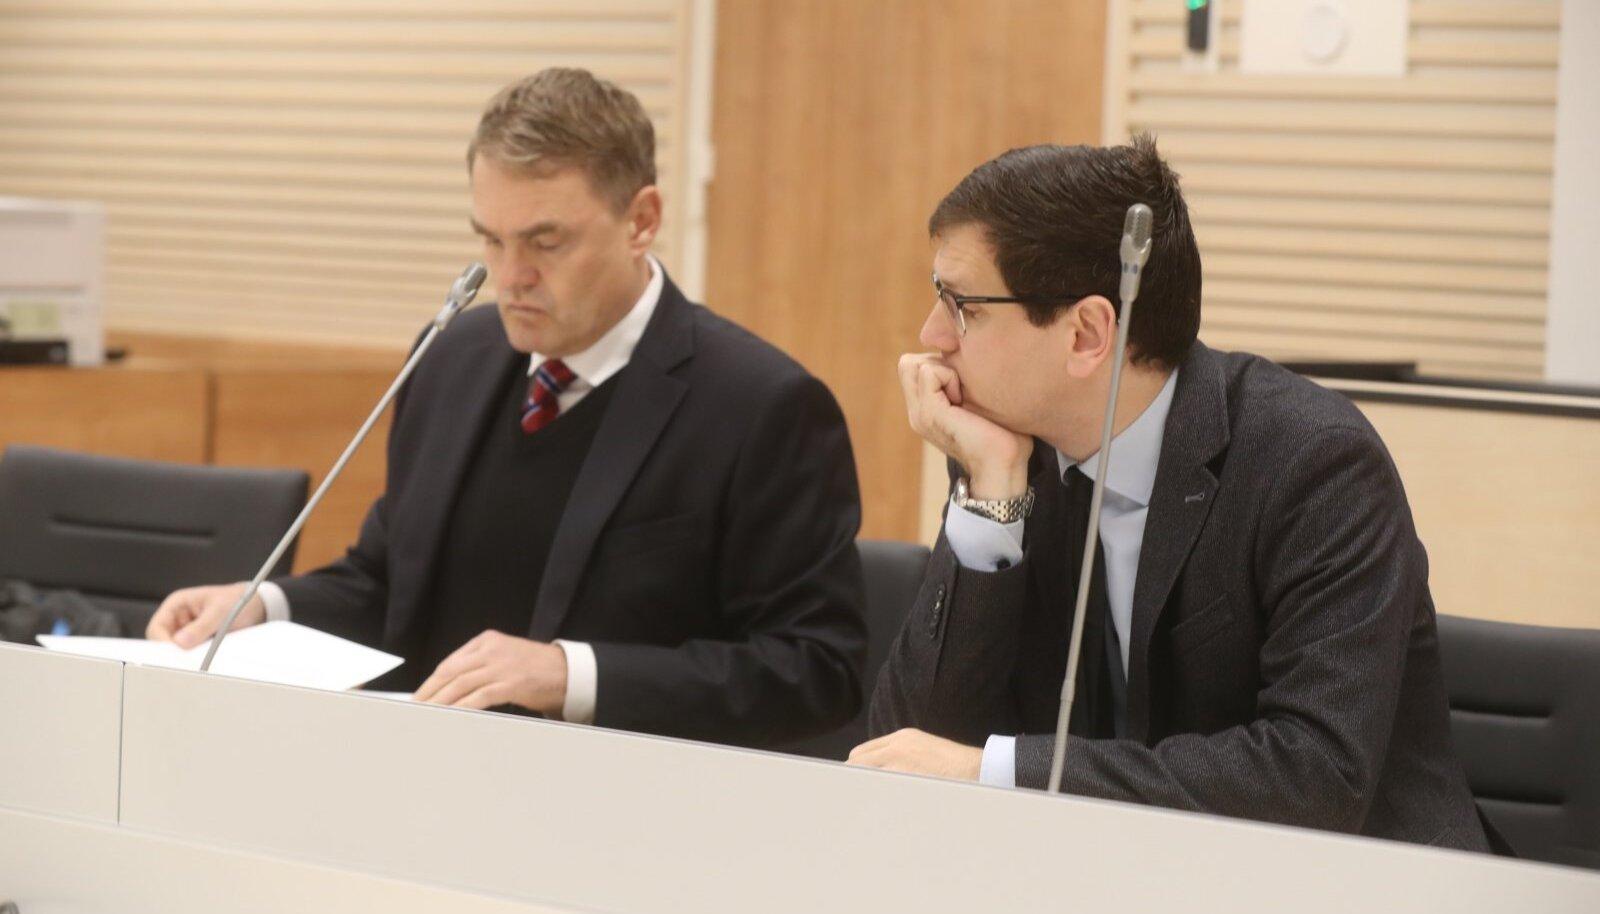 Raul Ainla vasakul, Peeter Helme paremal